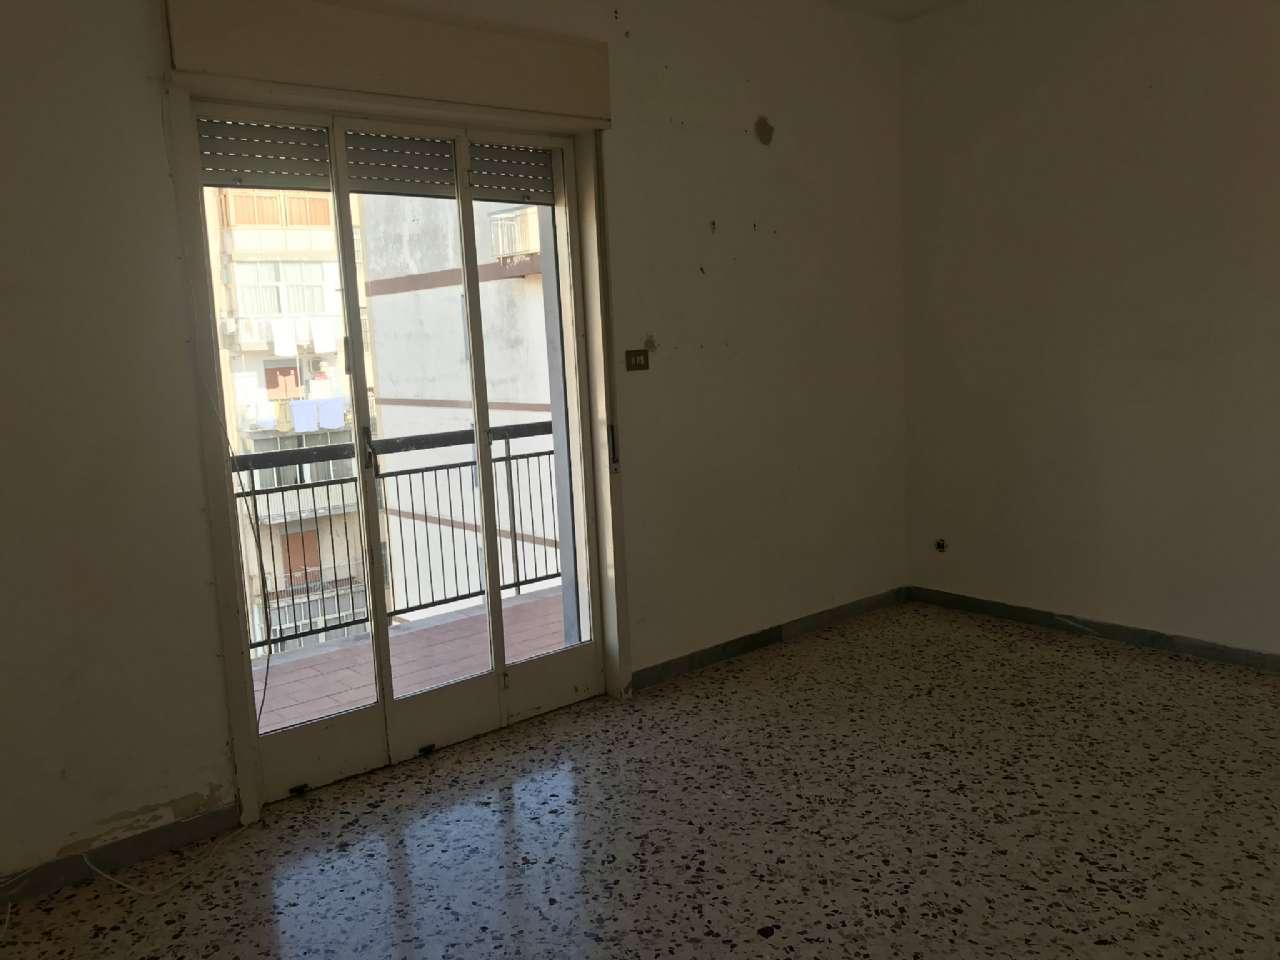 Trilocale, Via Filippo Orioles, Zona Tribunale/Imera, Palermo, foto 11